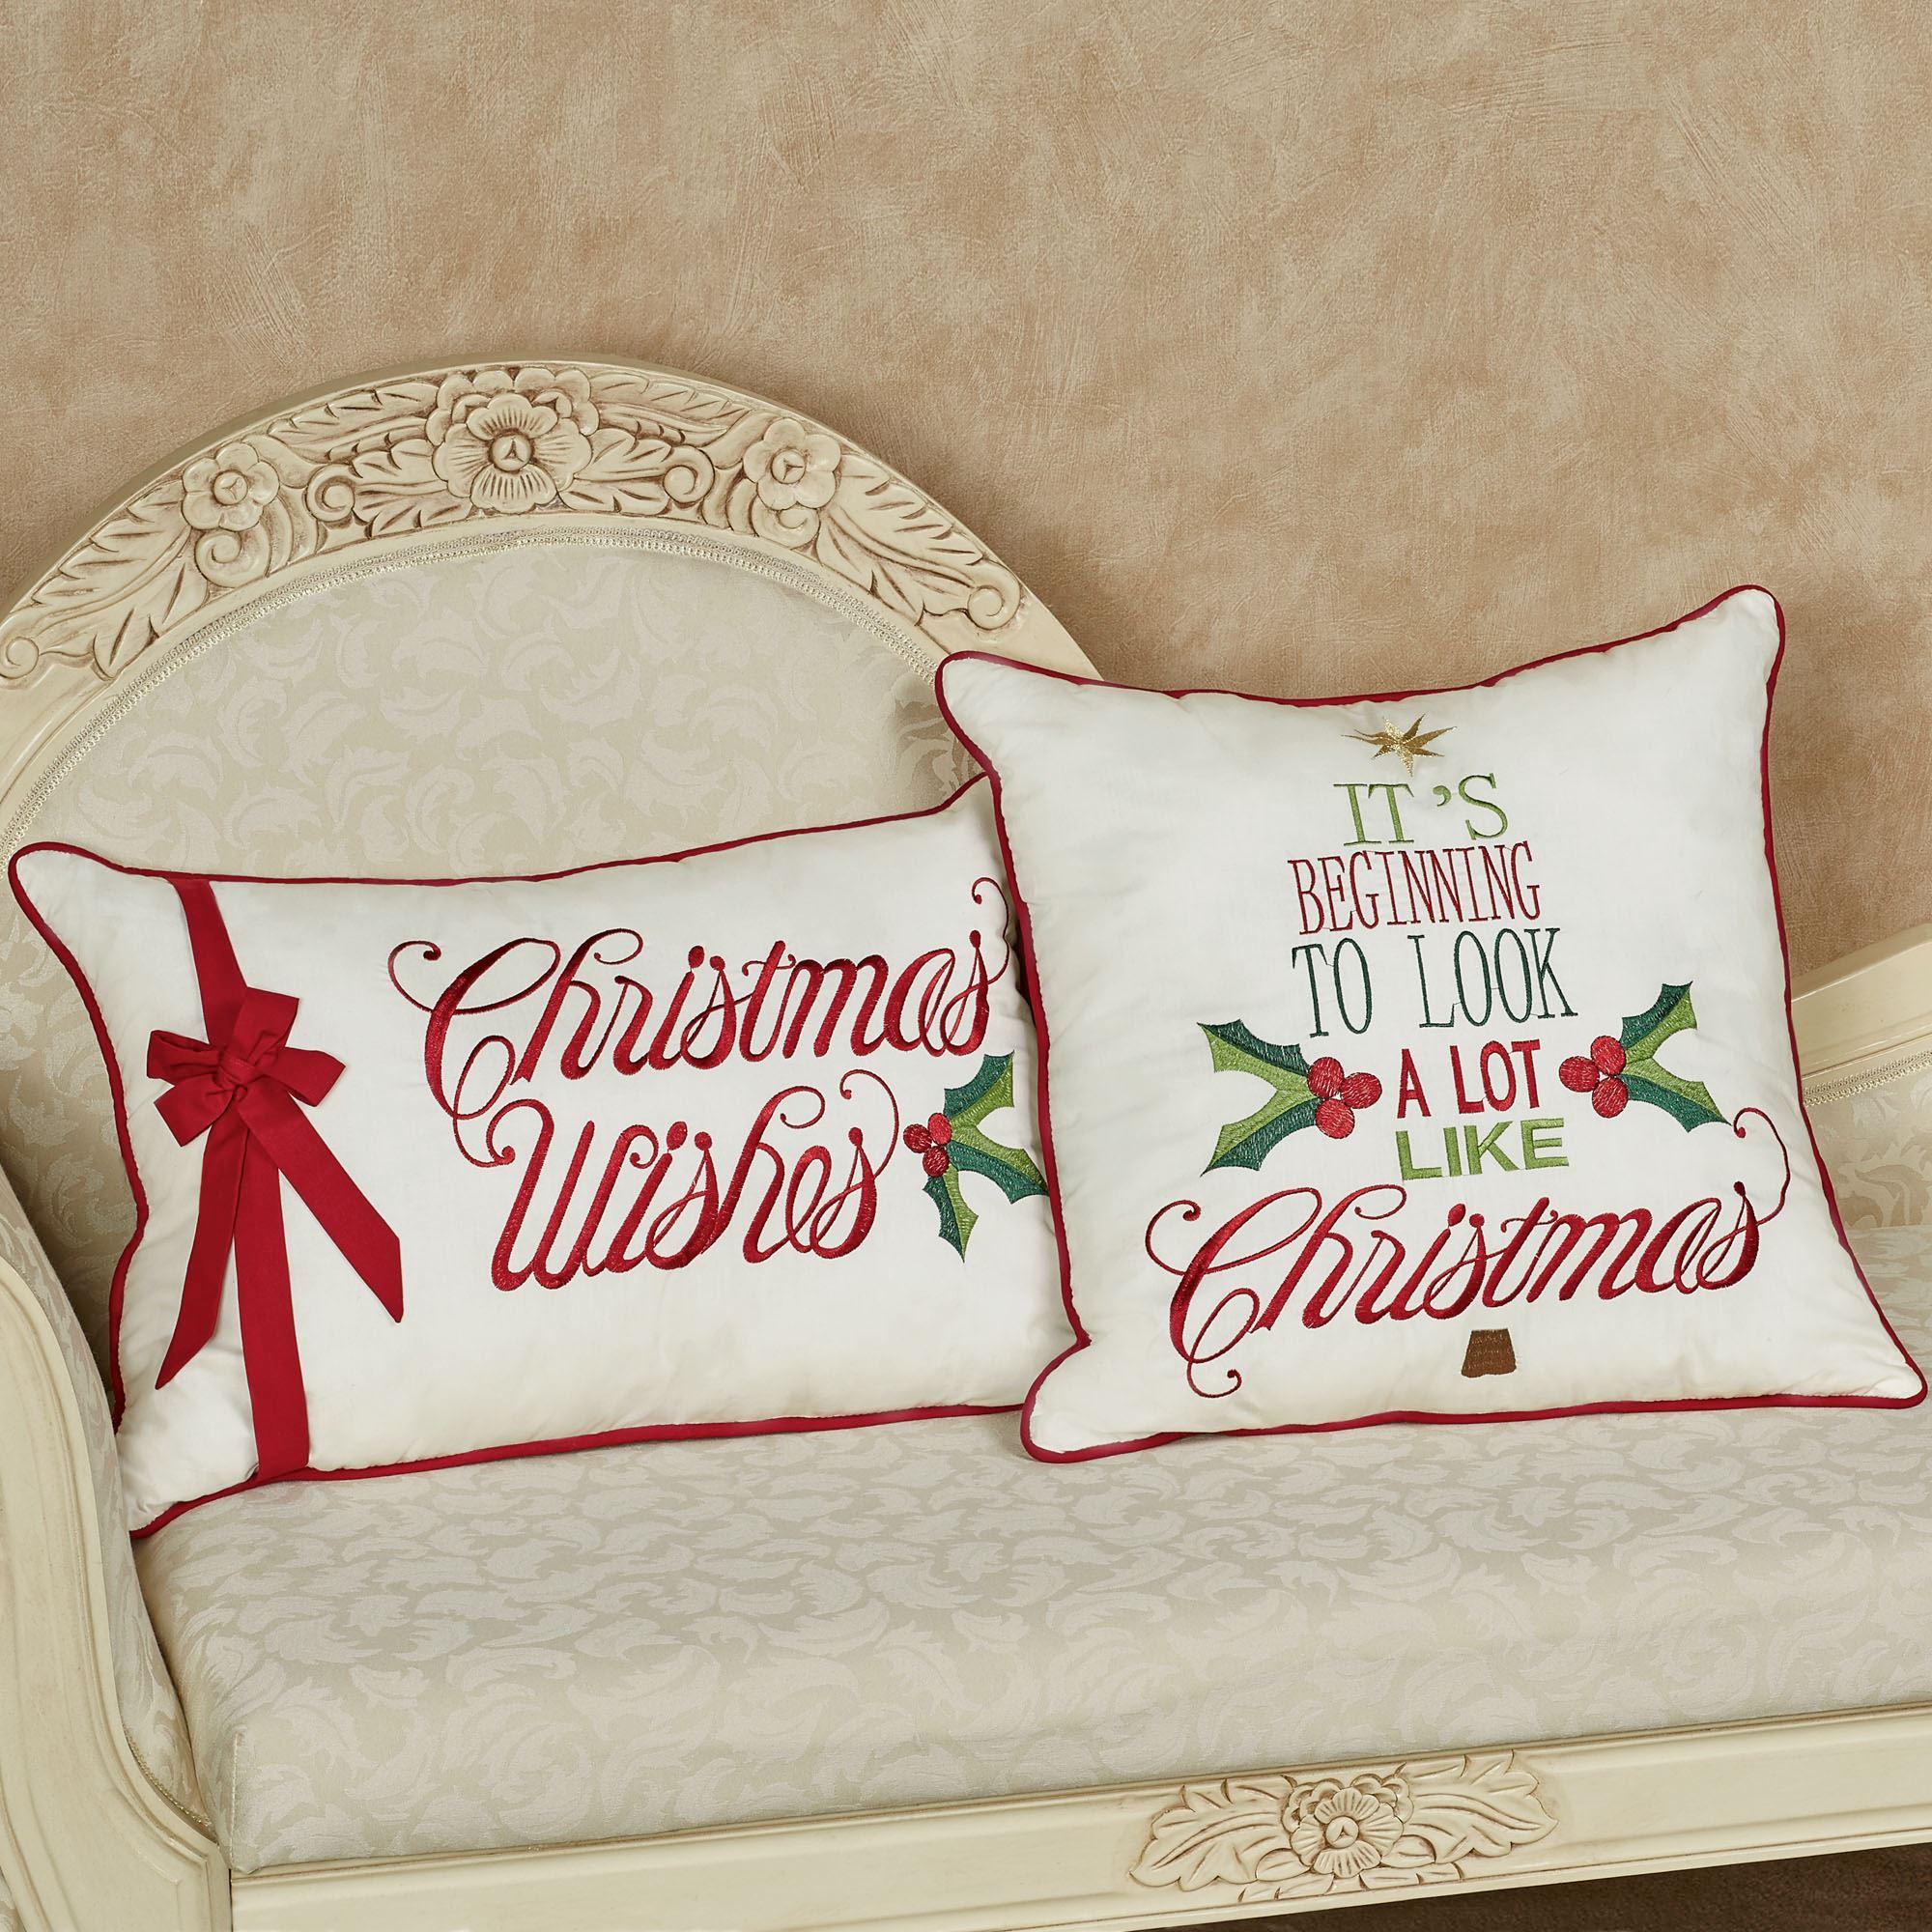 Holiday Greetings Christmas Pillows